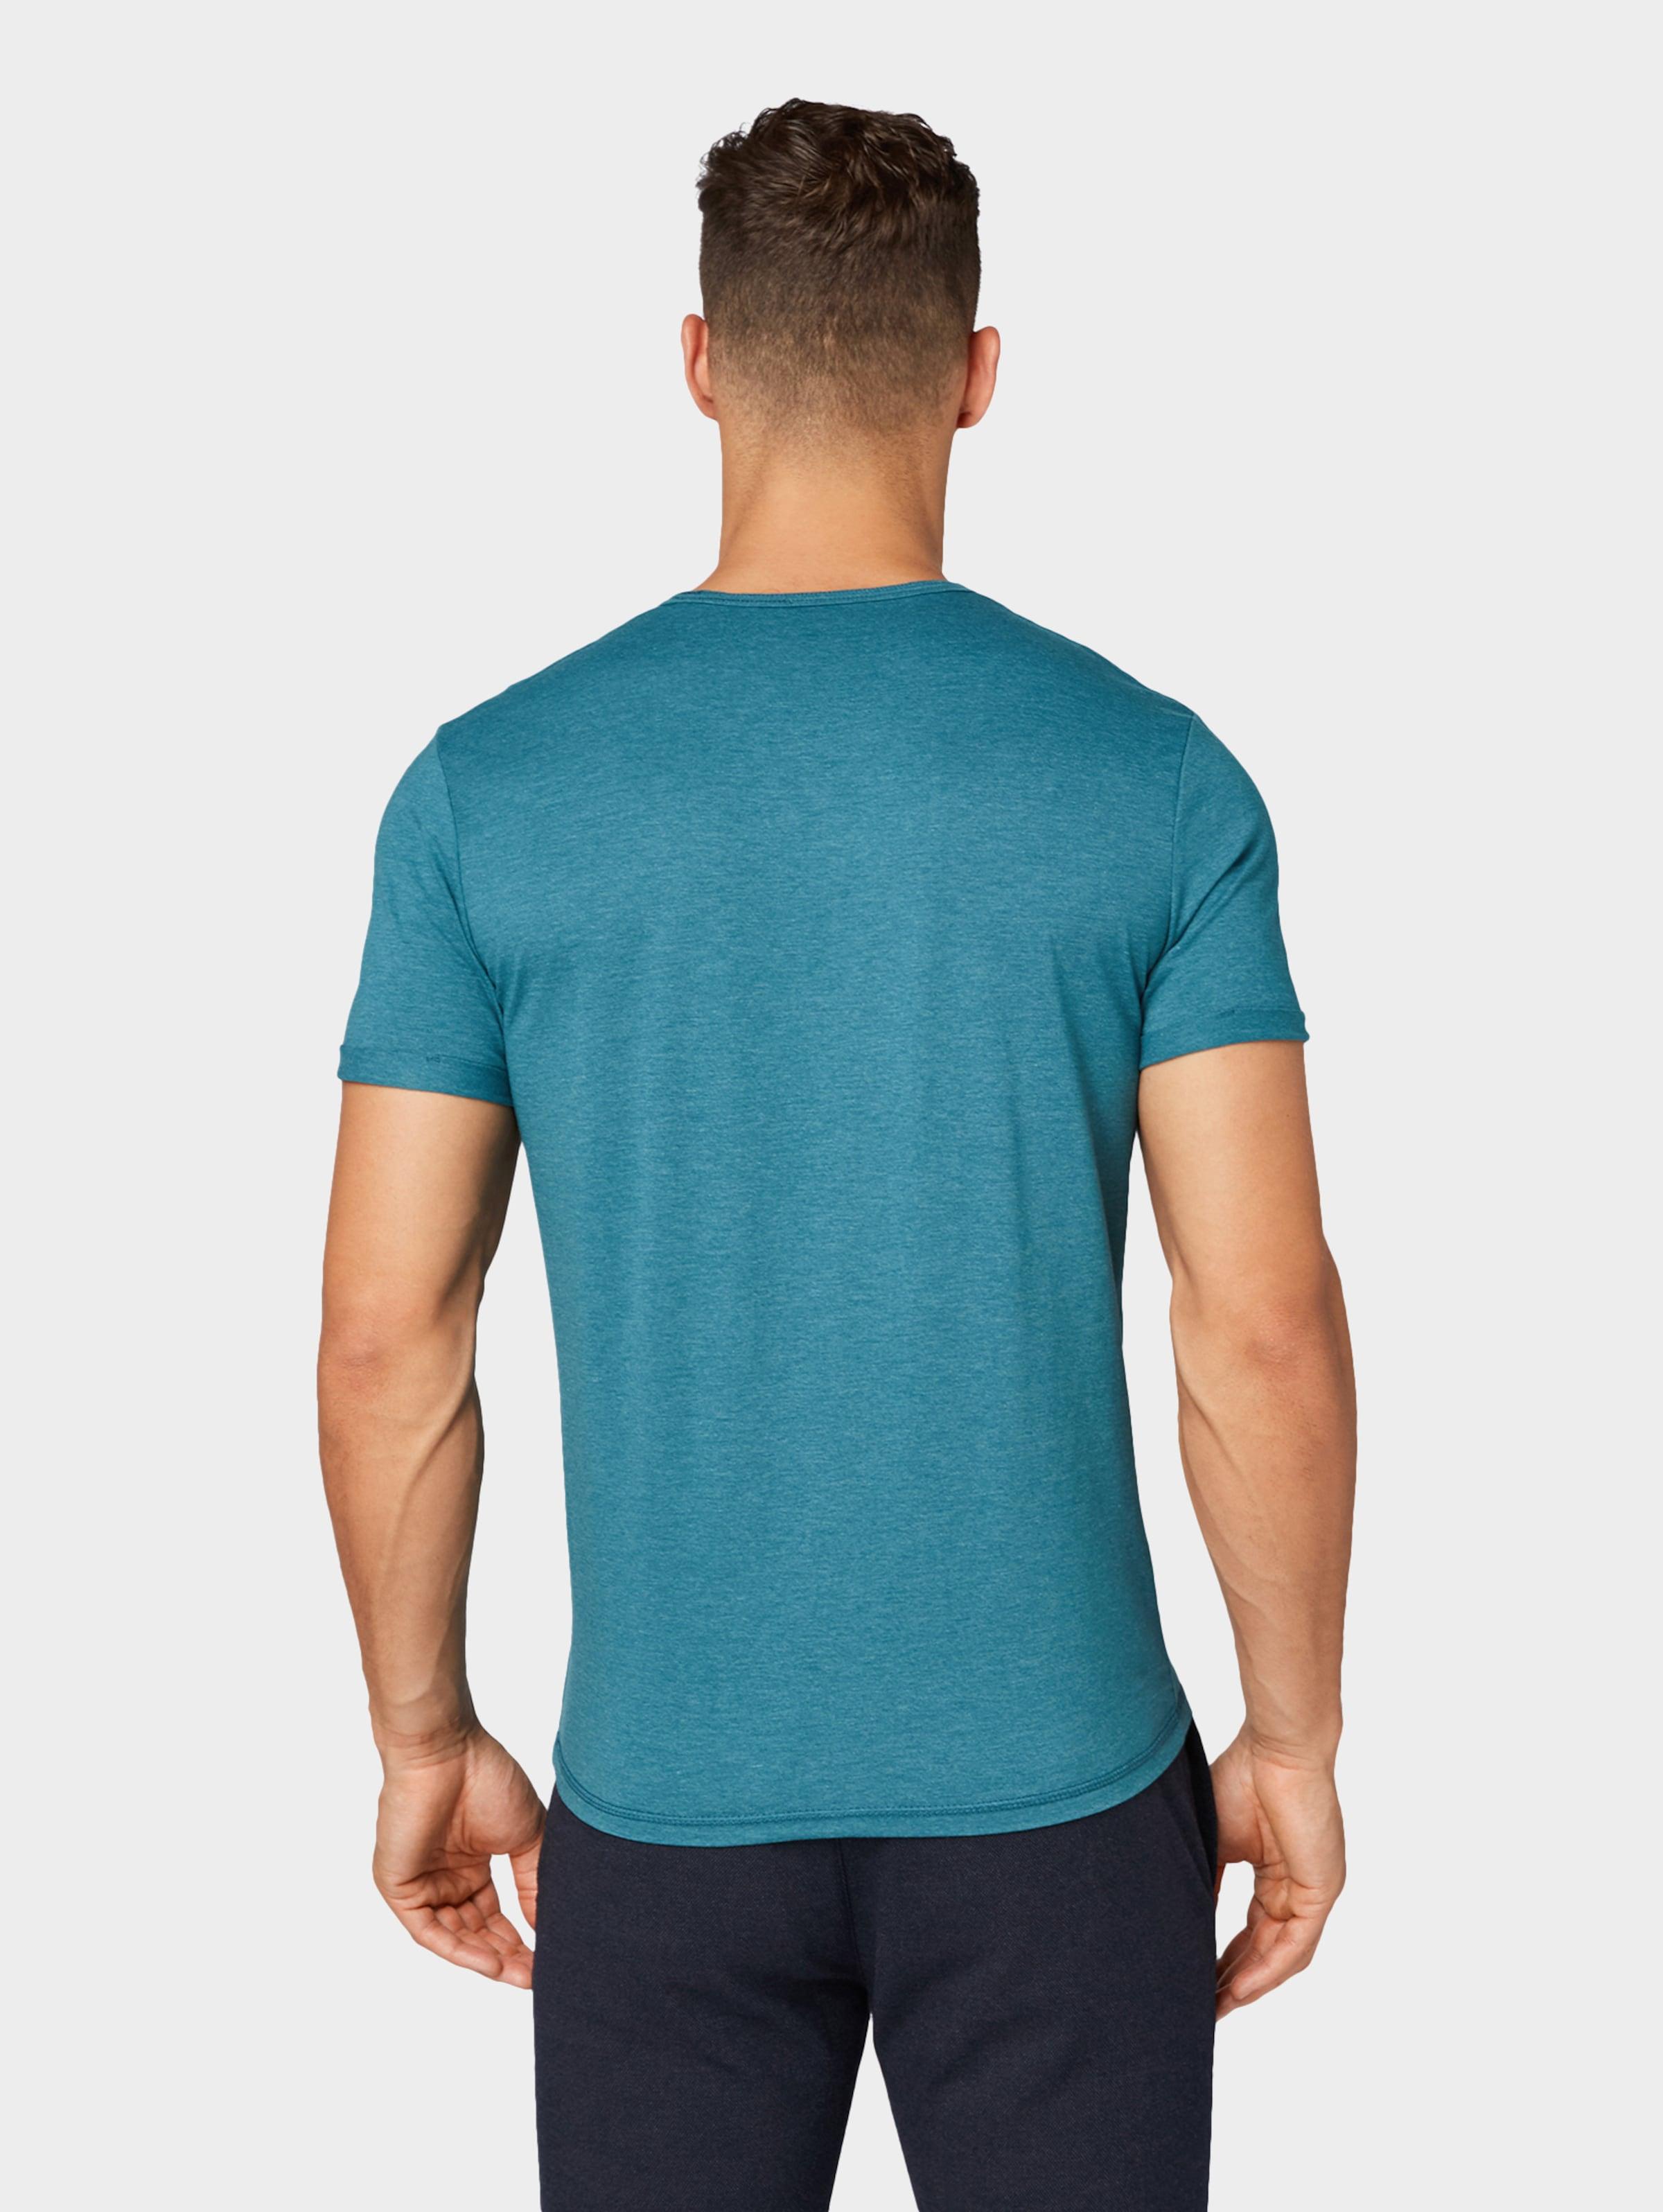 T Tailor shirt In PastellblauSchwarz Tom J5ulc3TFK1